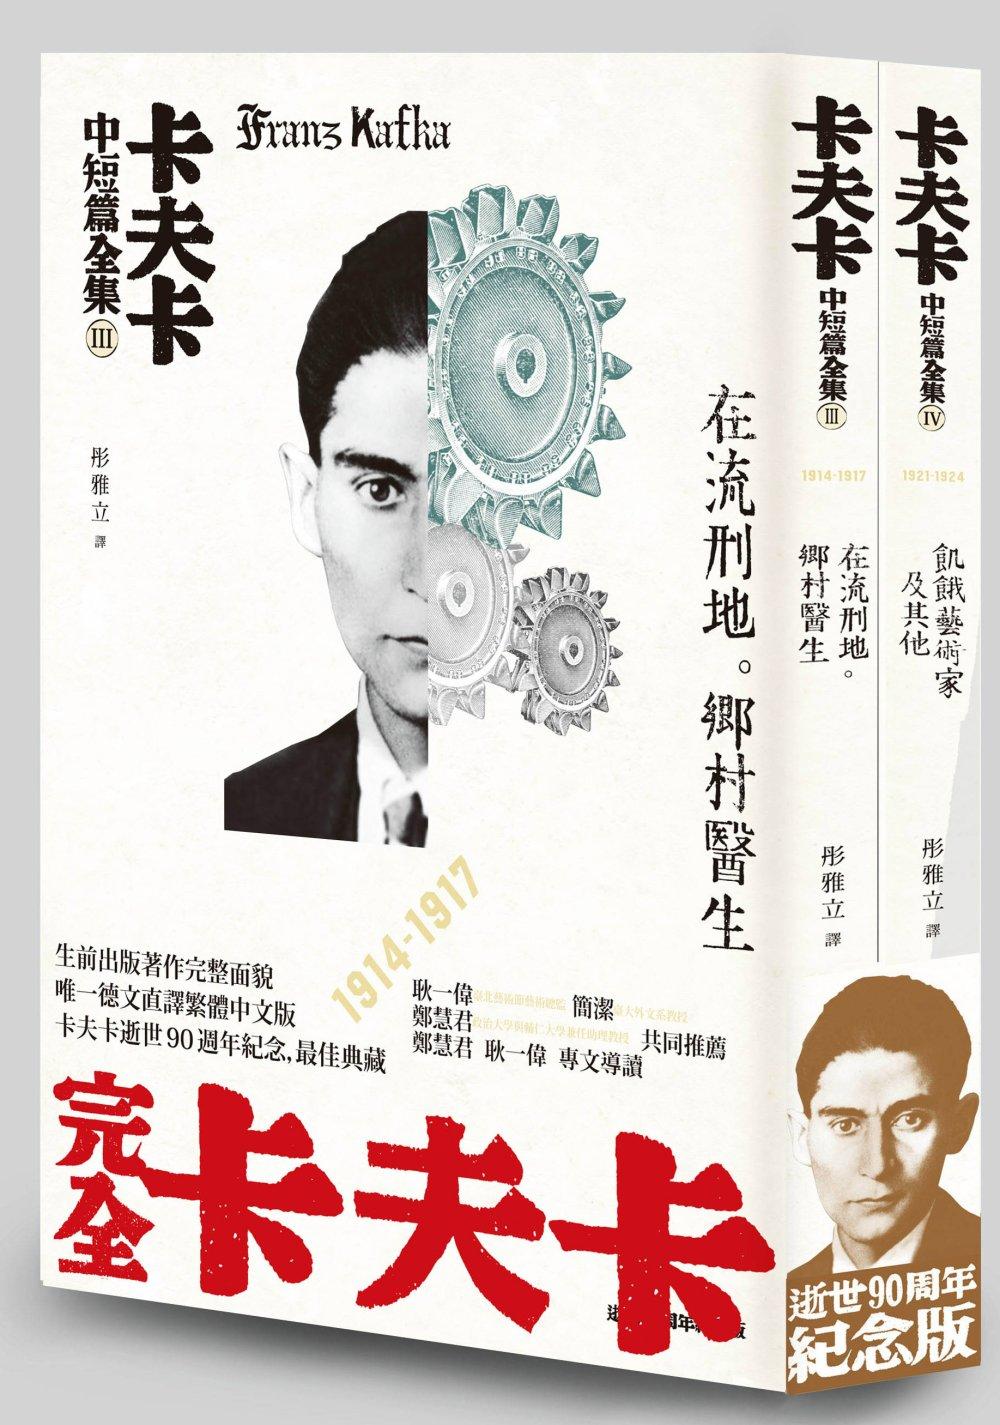 卡夫卡中短篇全集(輯3+輯4)